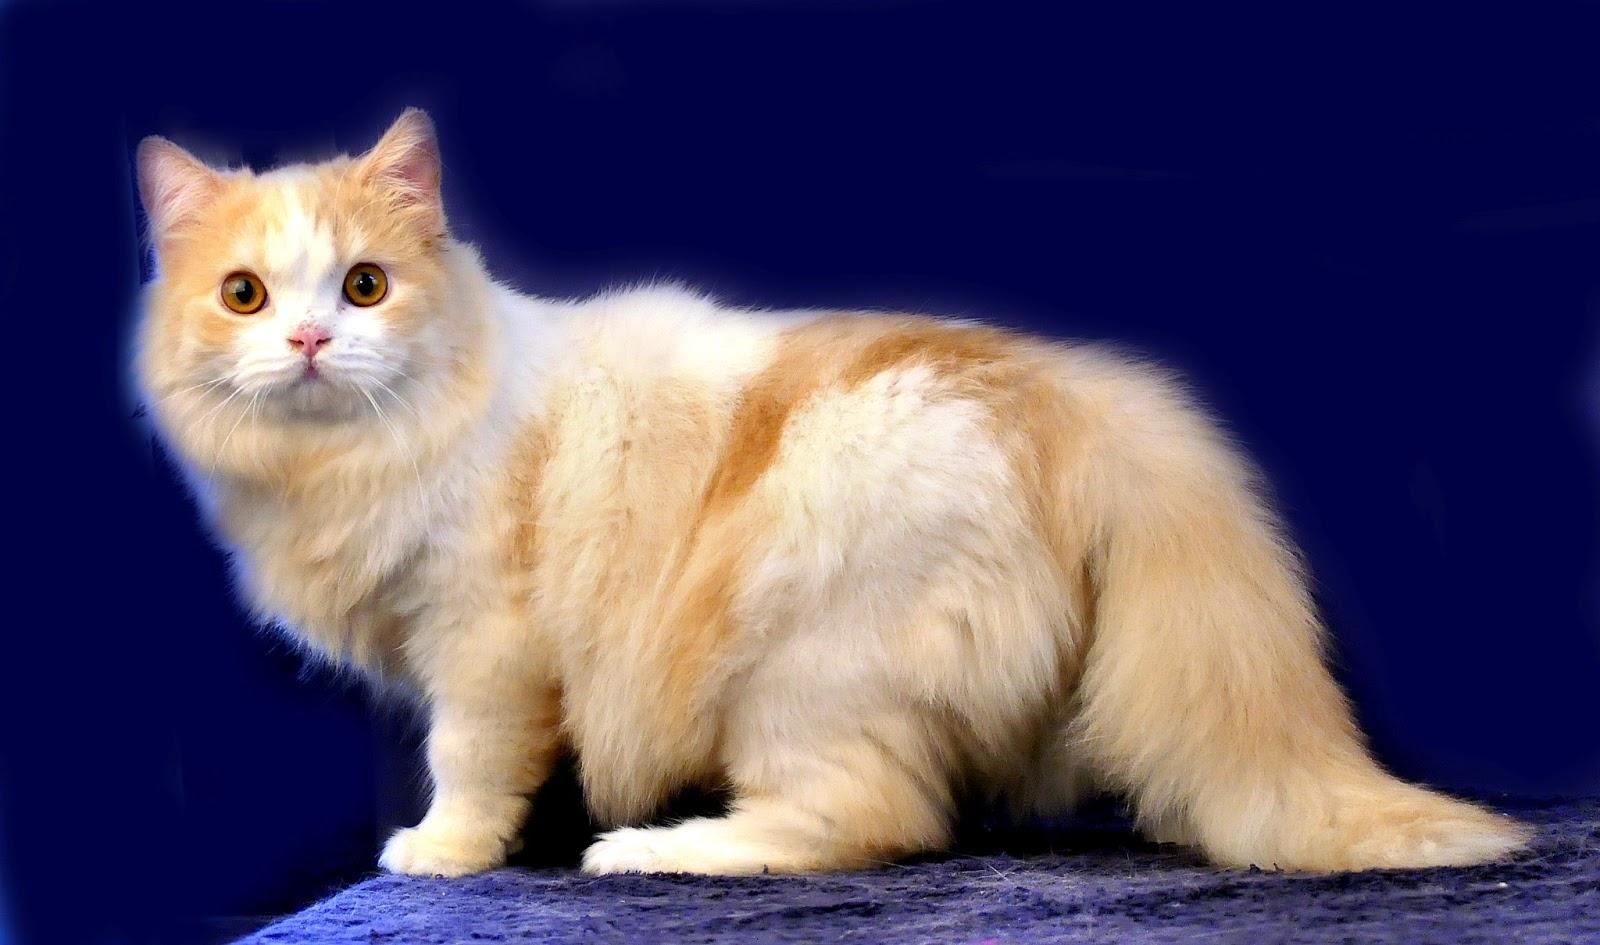 Harga Gambar Kucing Parsi Harga Kucing Ras Di Indonesia